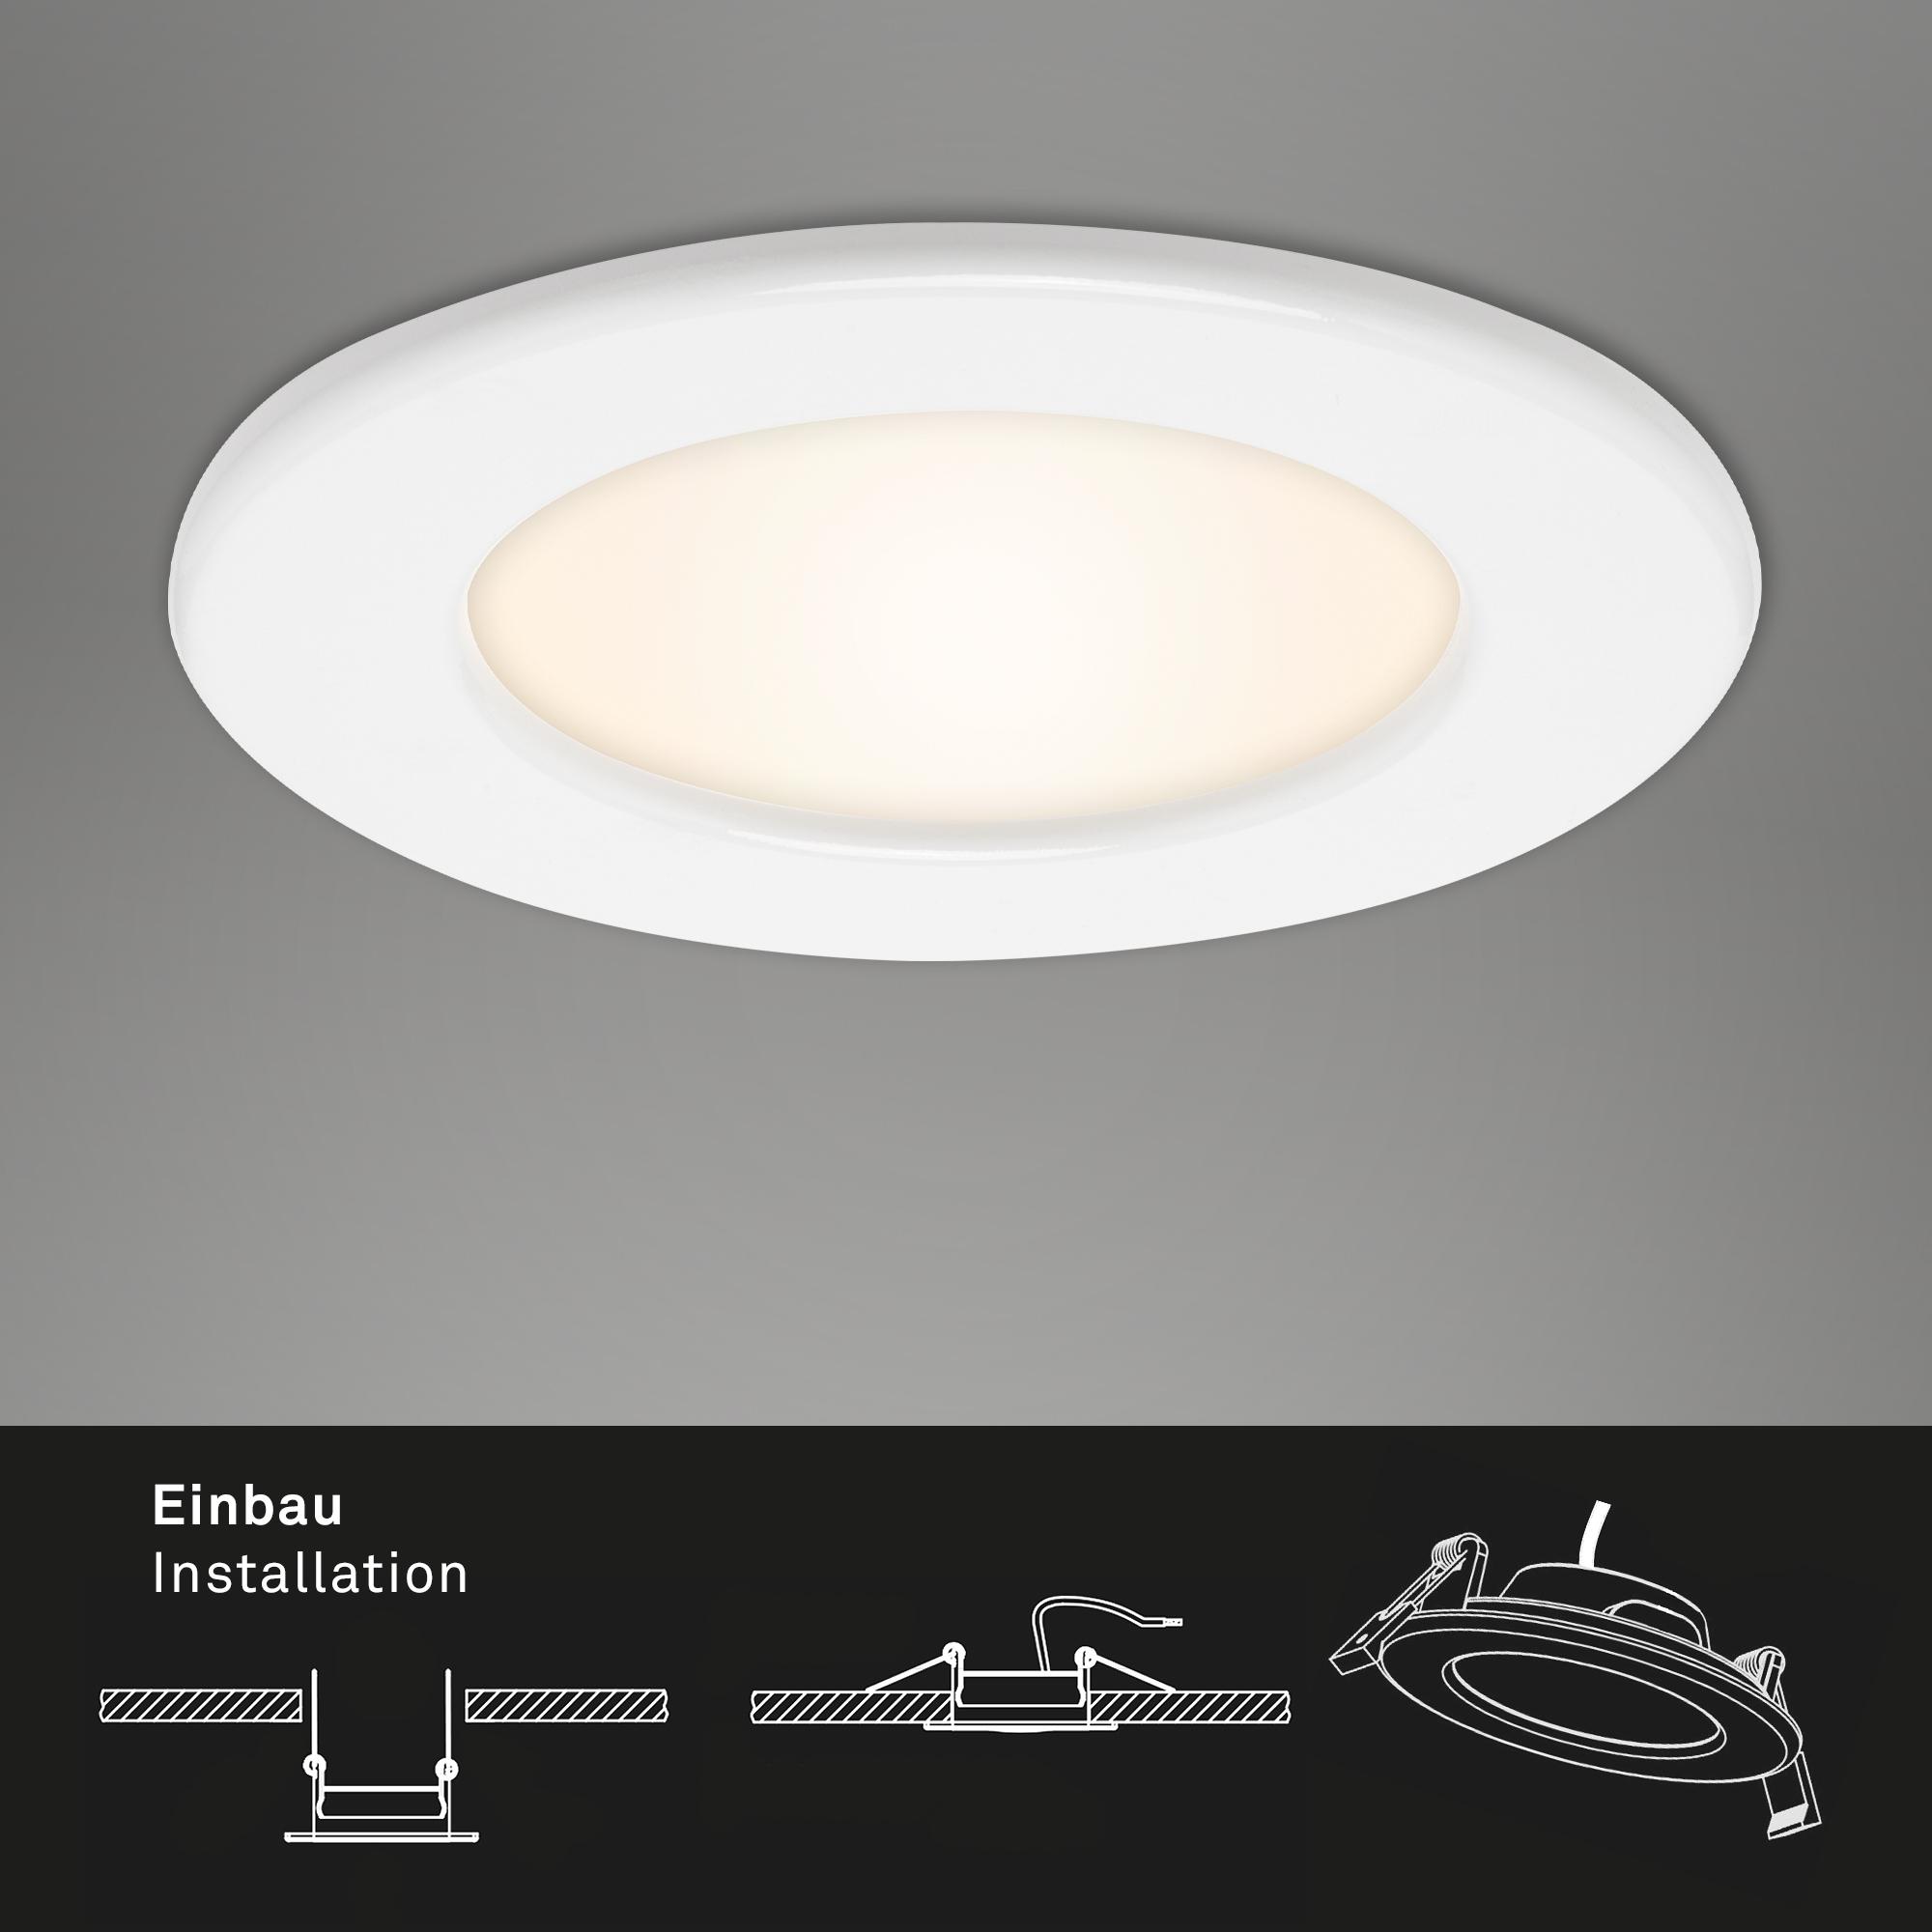 LED Einbauleuchte, Ø 11,5 cm, 6 W, Weiß